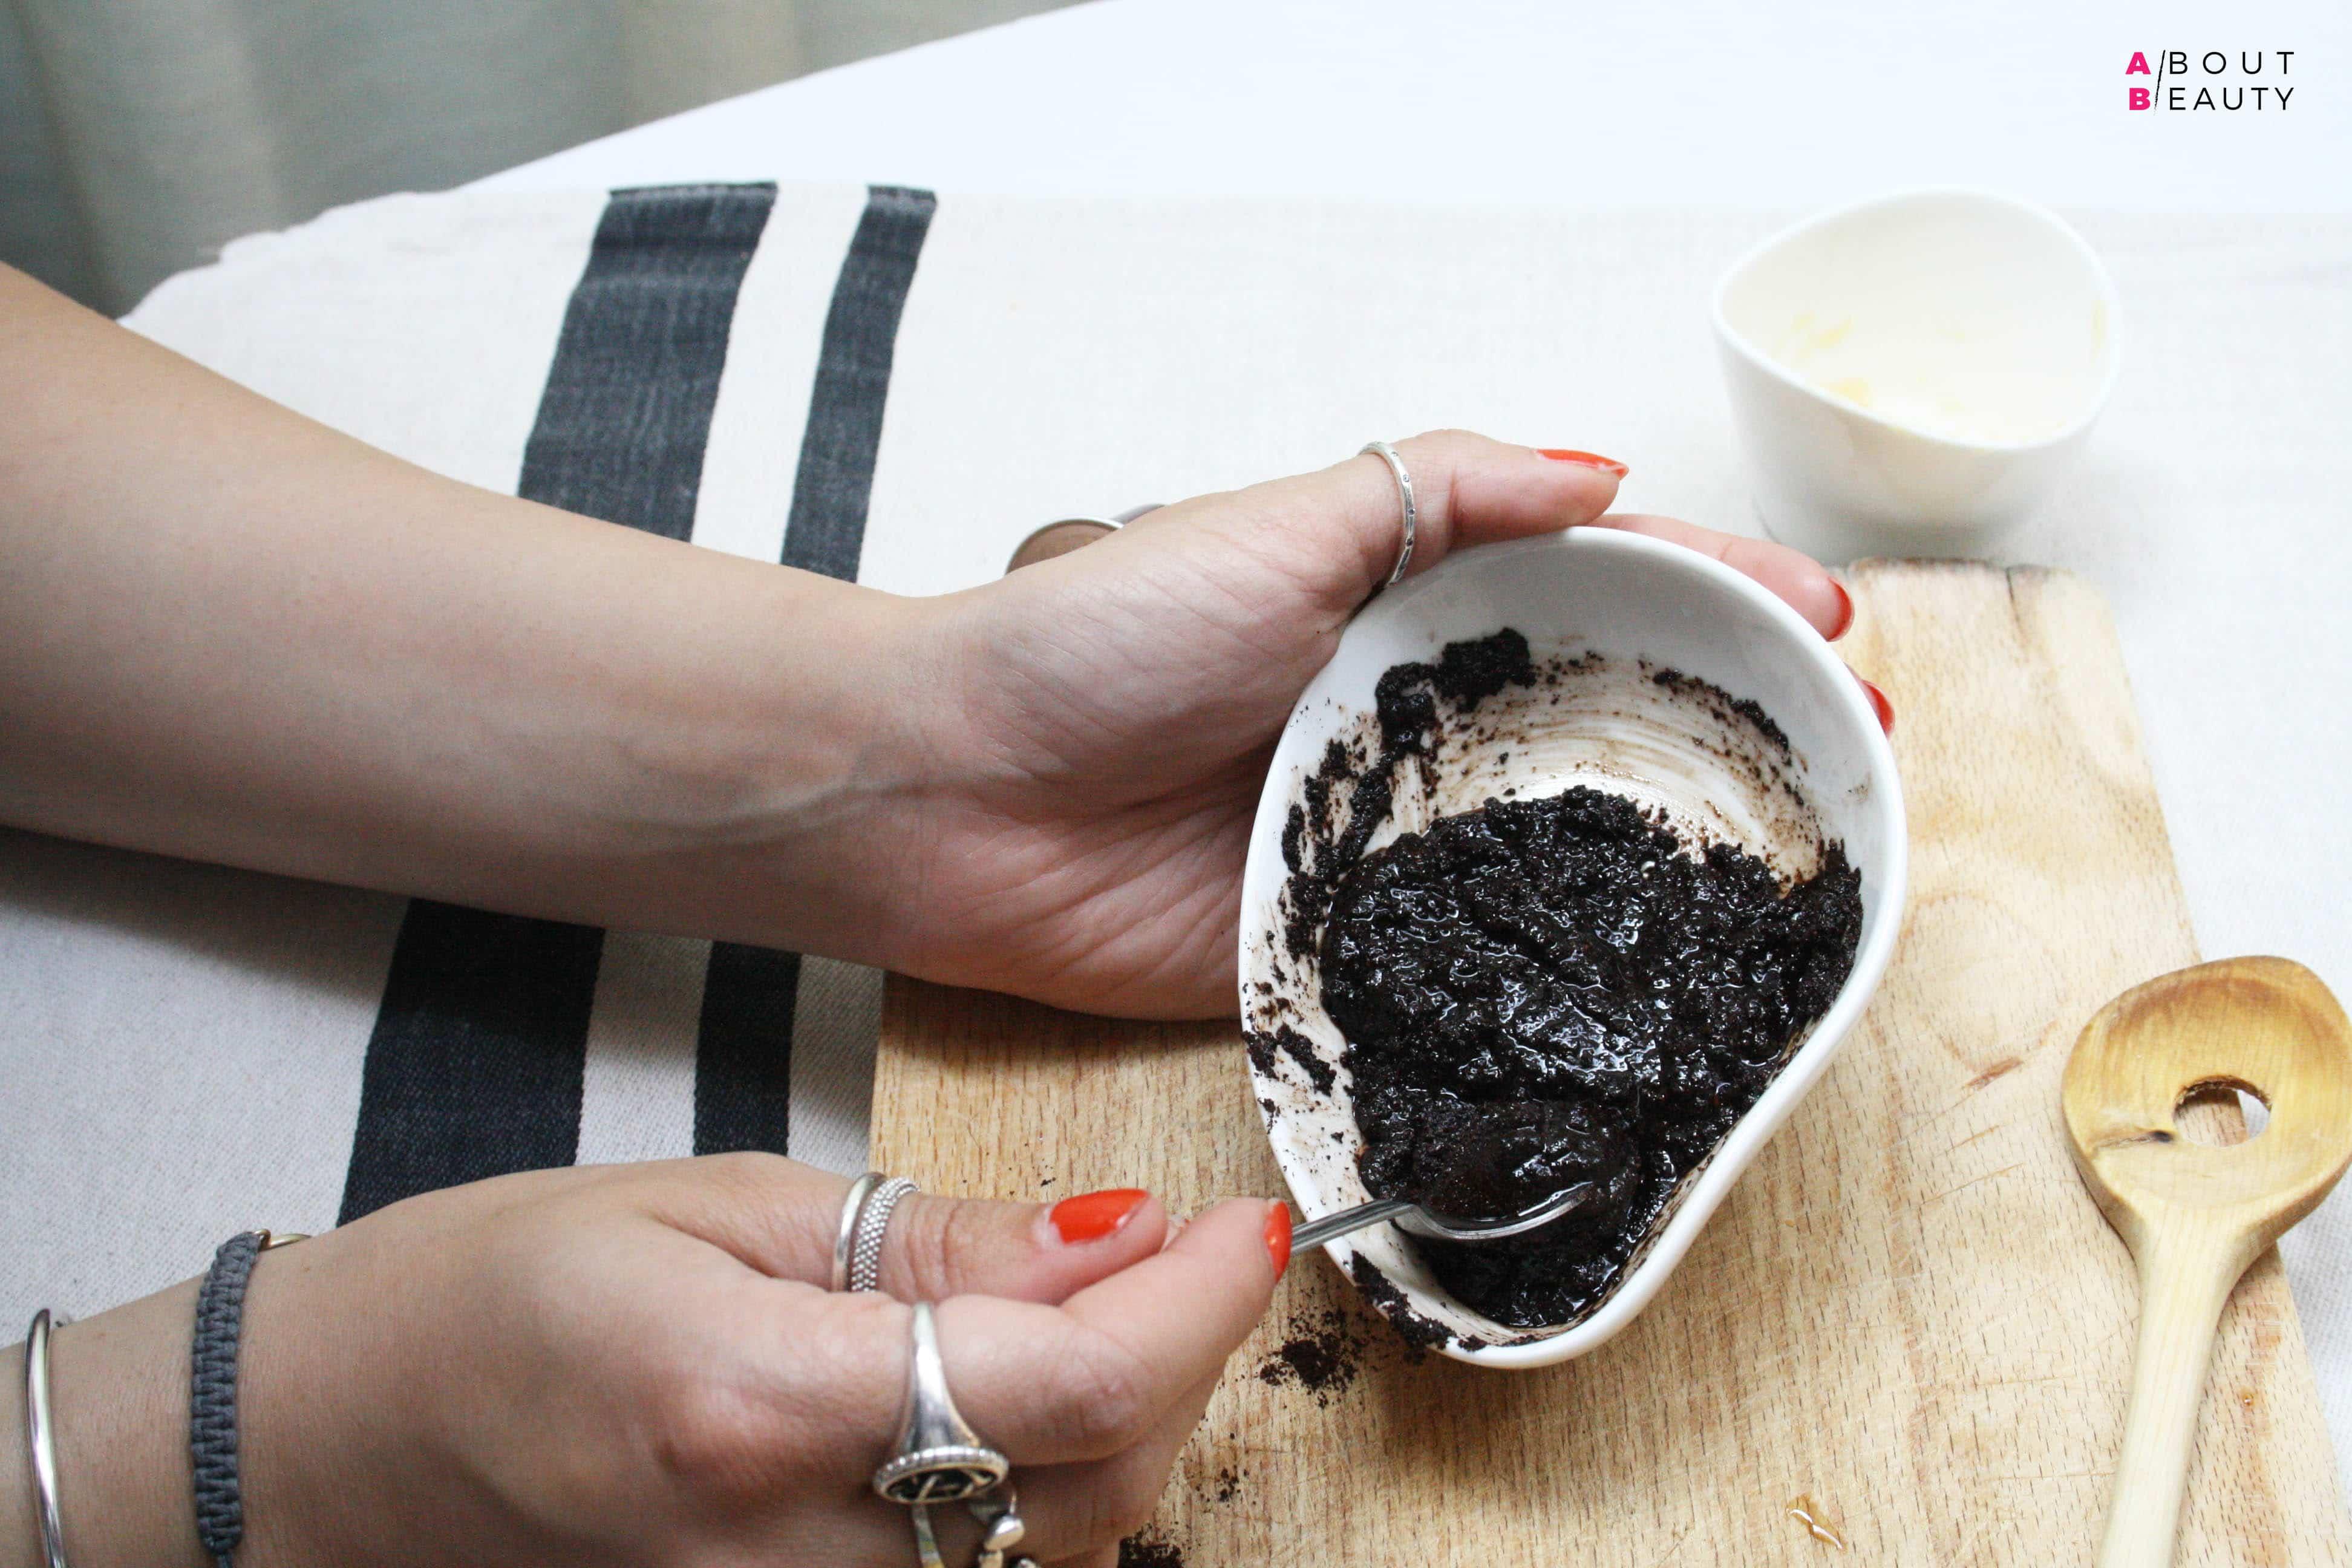 Le ricette di bellezza di About Beauty - Scrub Energizzante al Caffè Fai Da Te